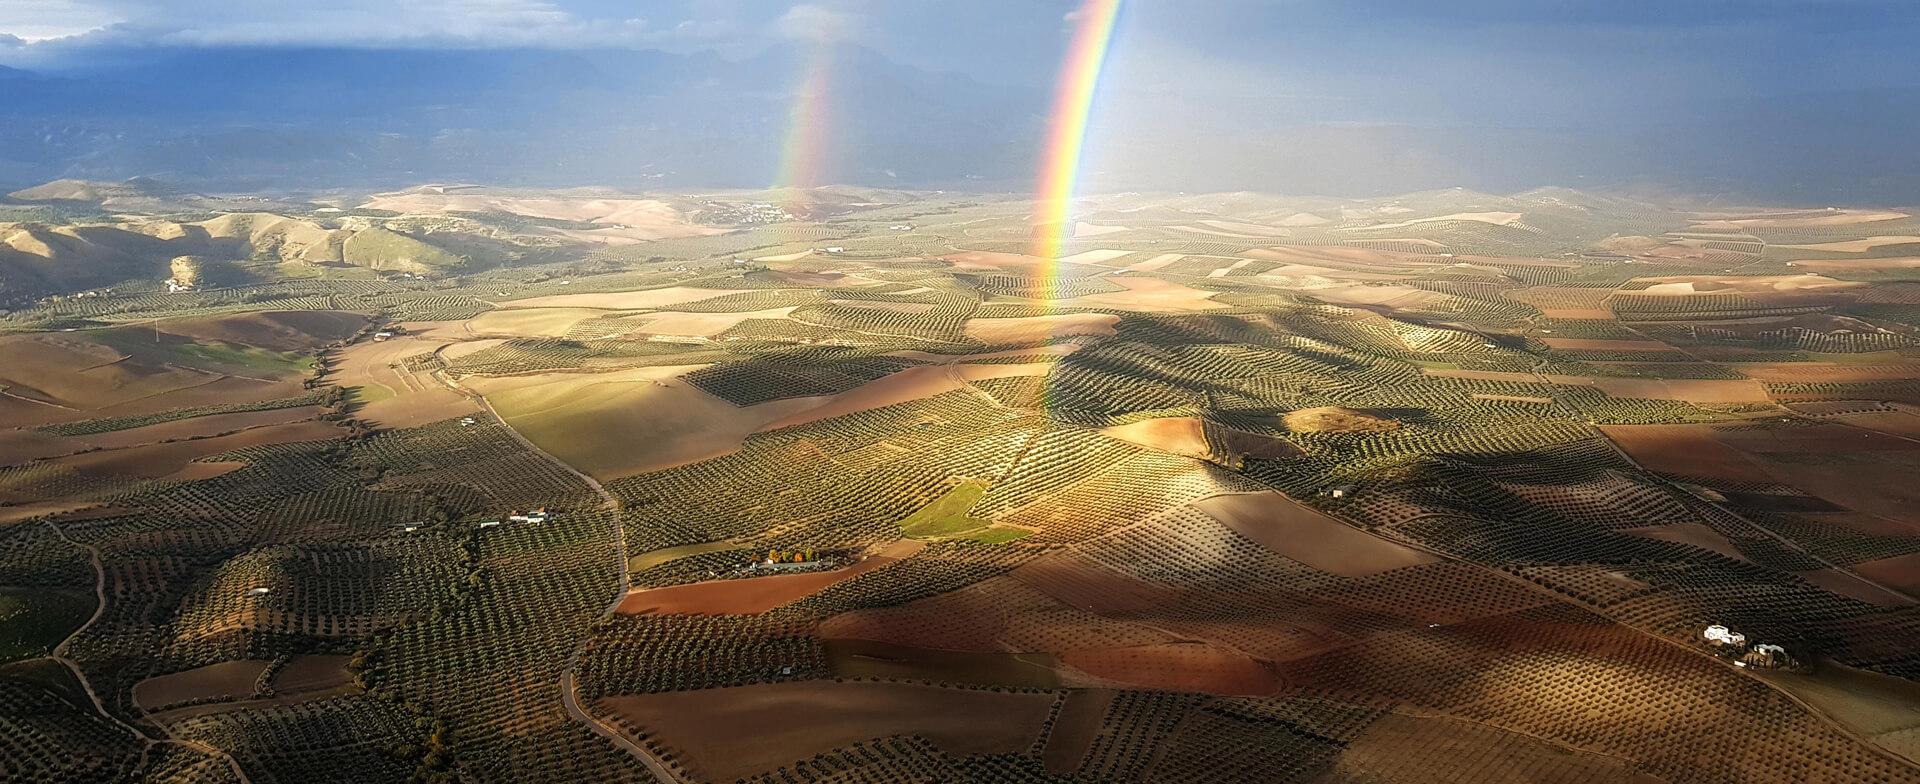 スペインはオリーブオイル生産量が世界一